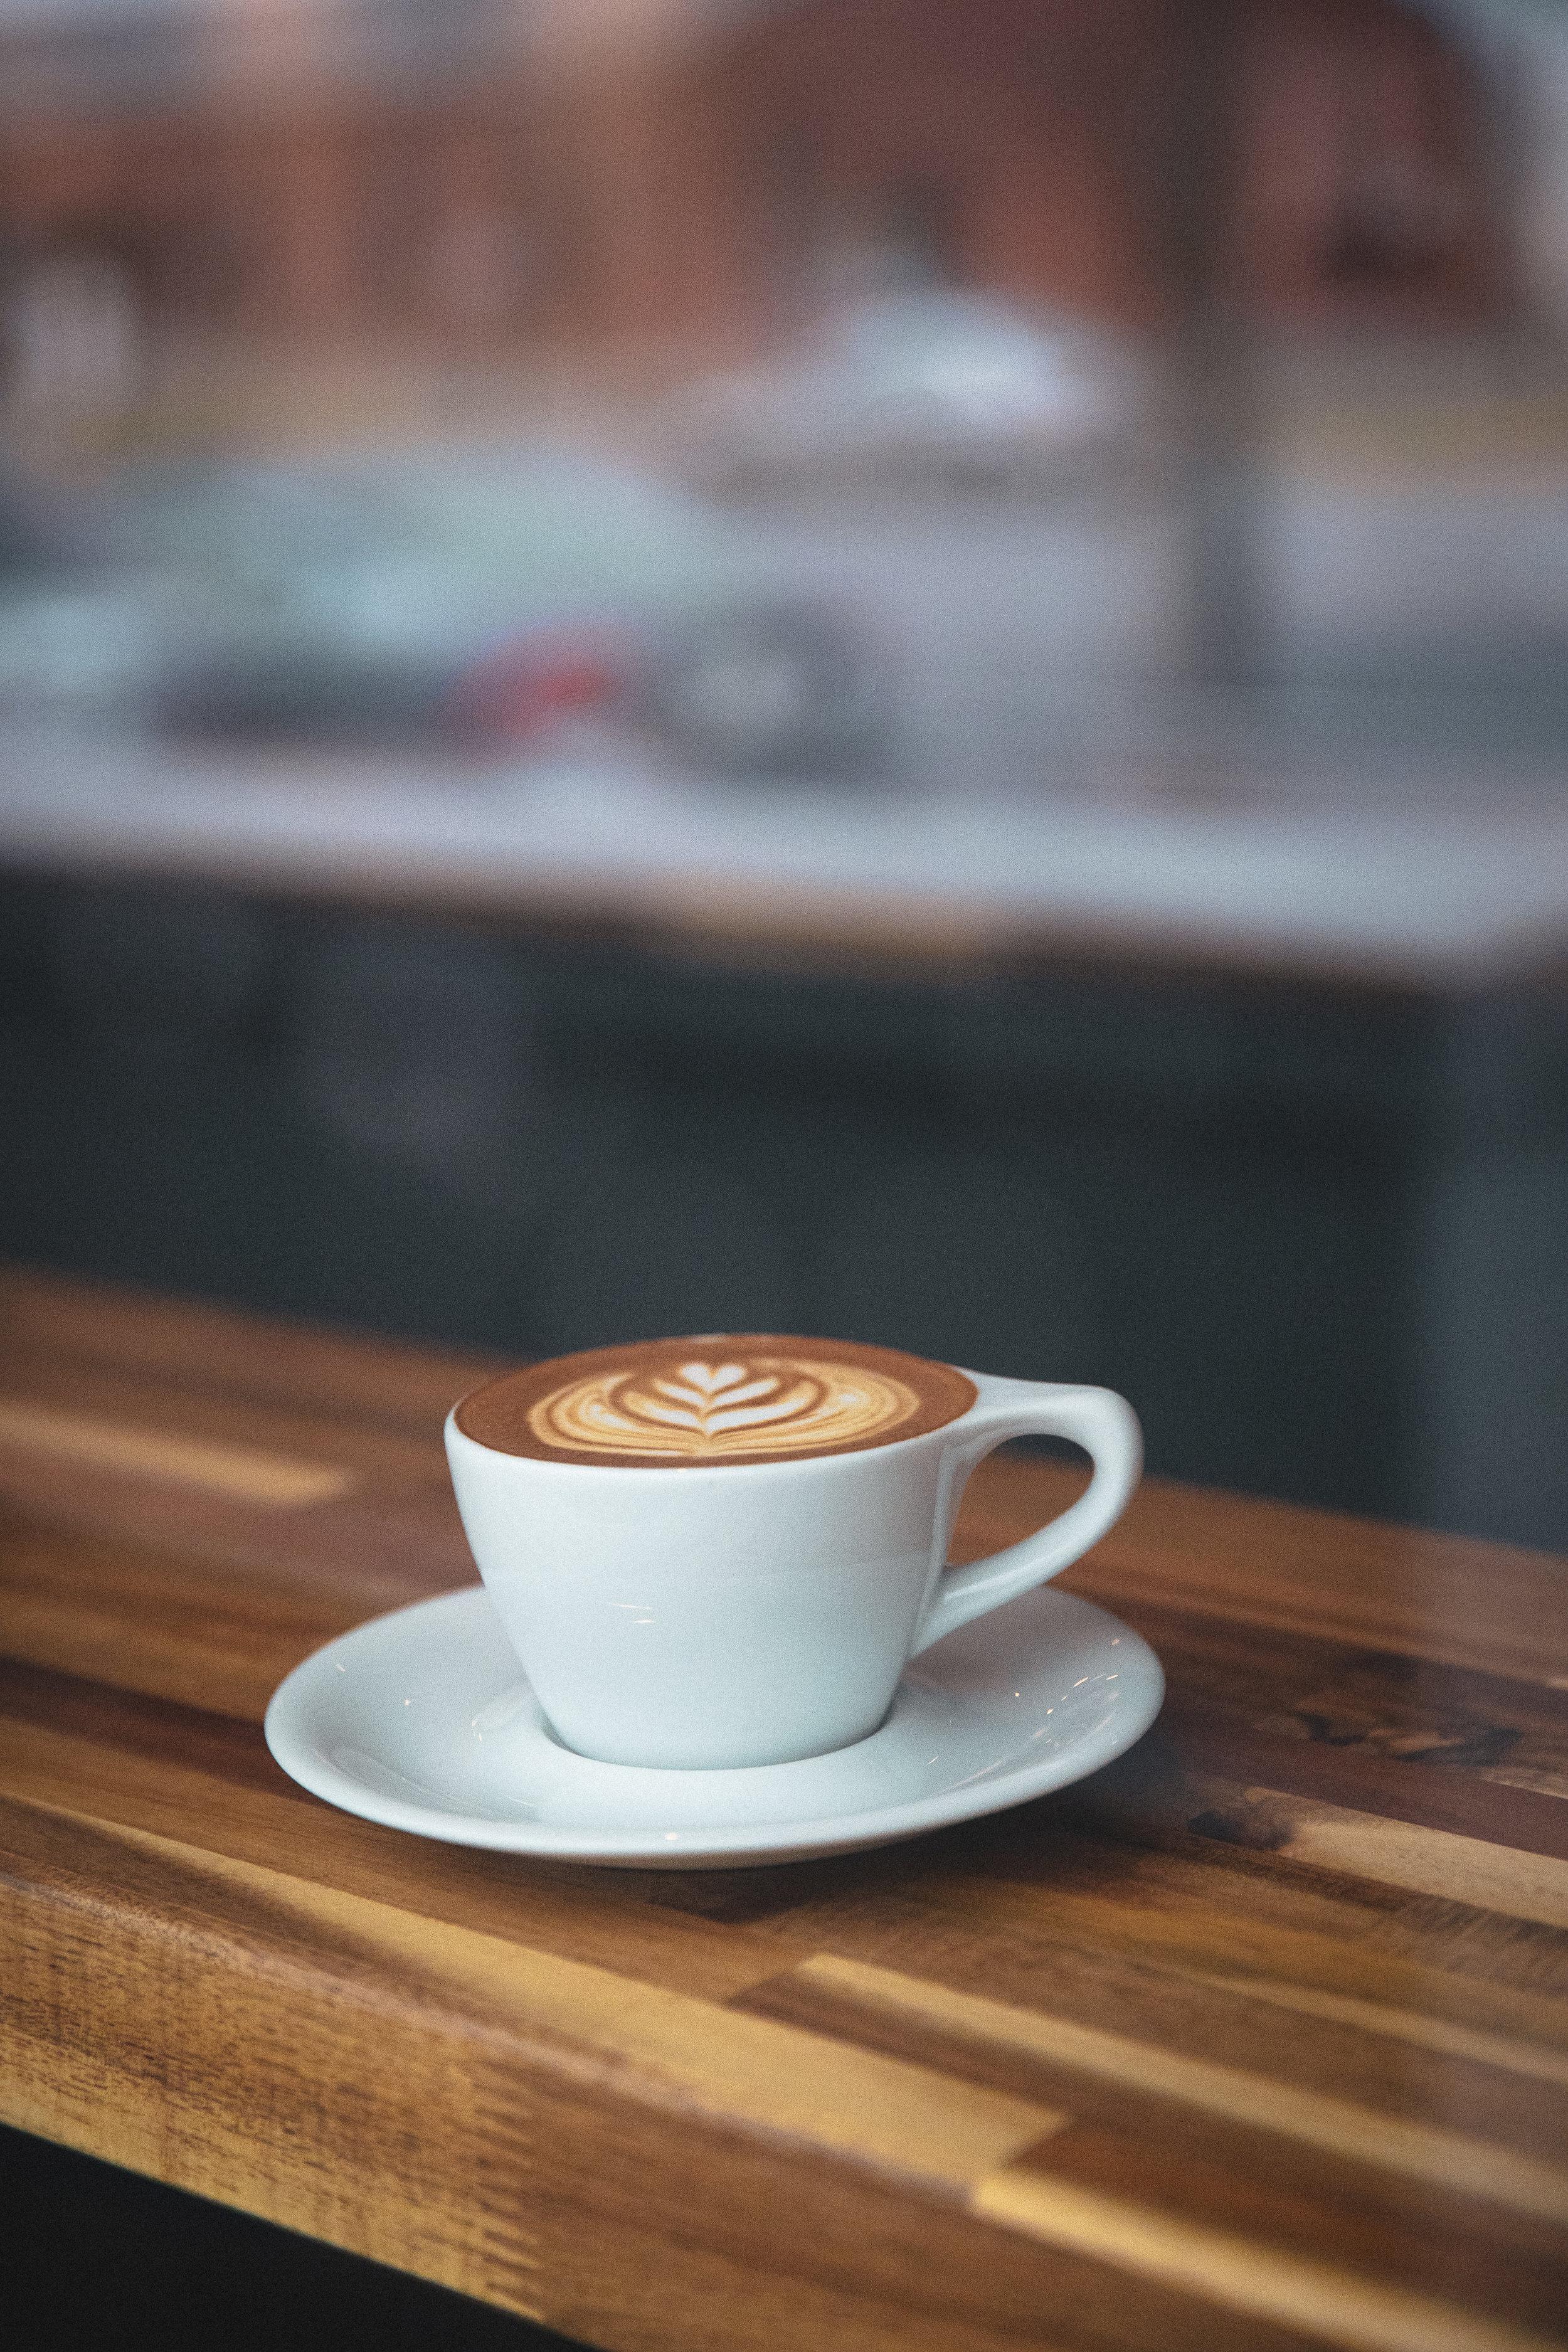 coffeeshop-photography-9I0638.jpg